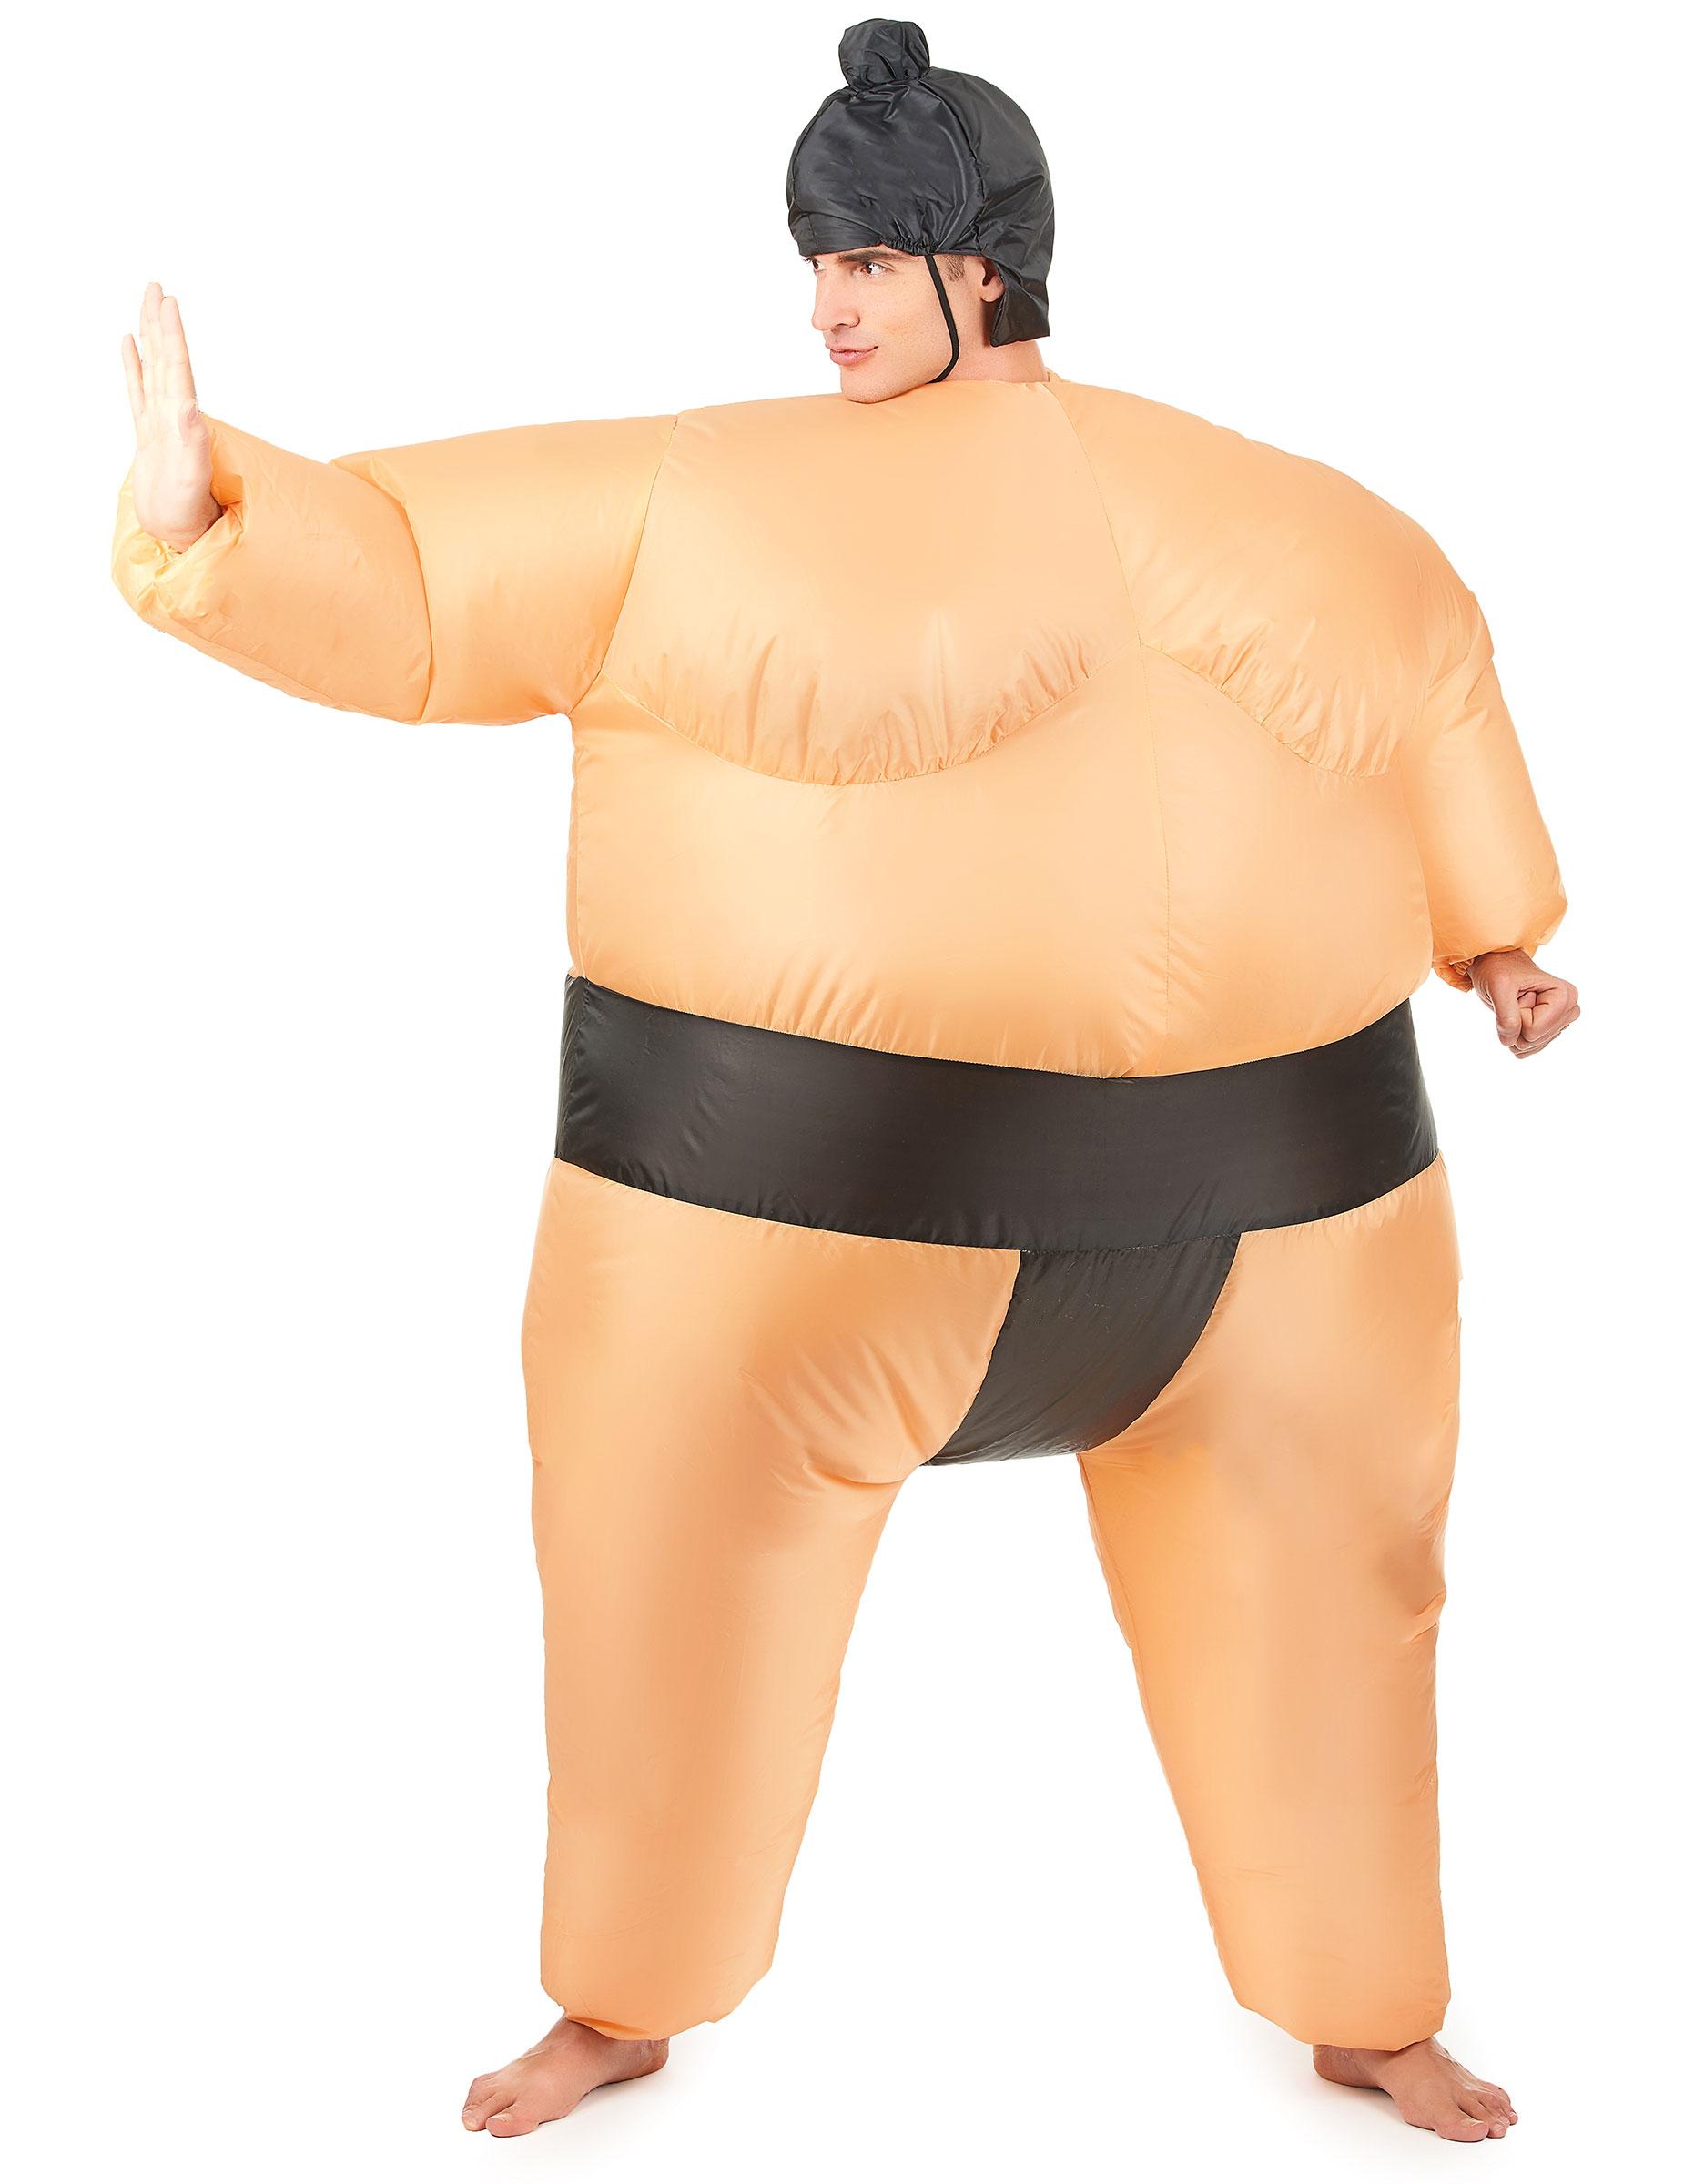 344530361c6d8 Déguisement humoristique sumo gonflable adulte